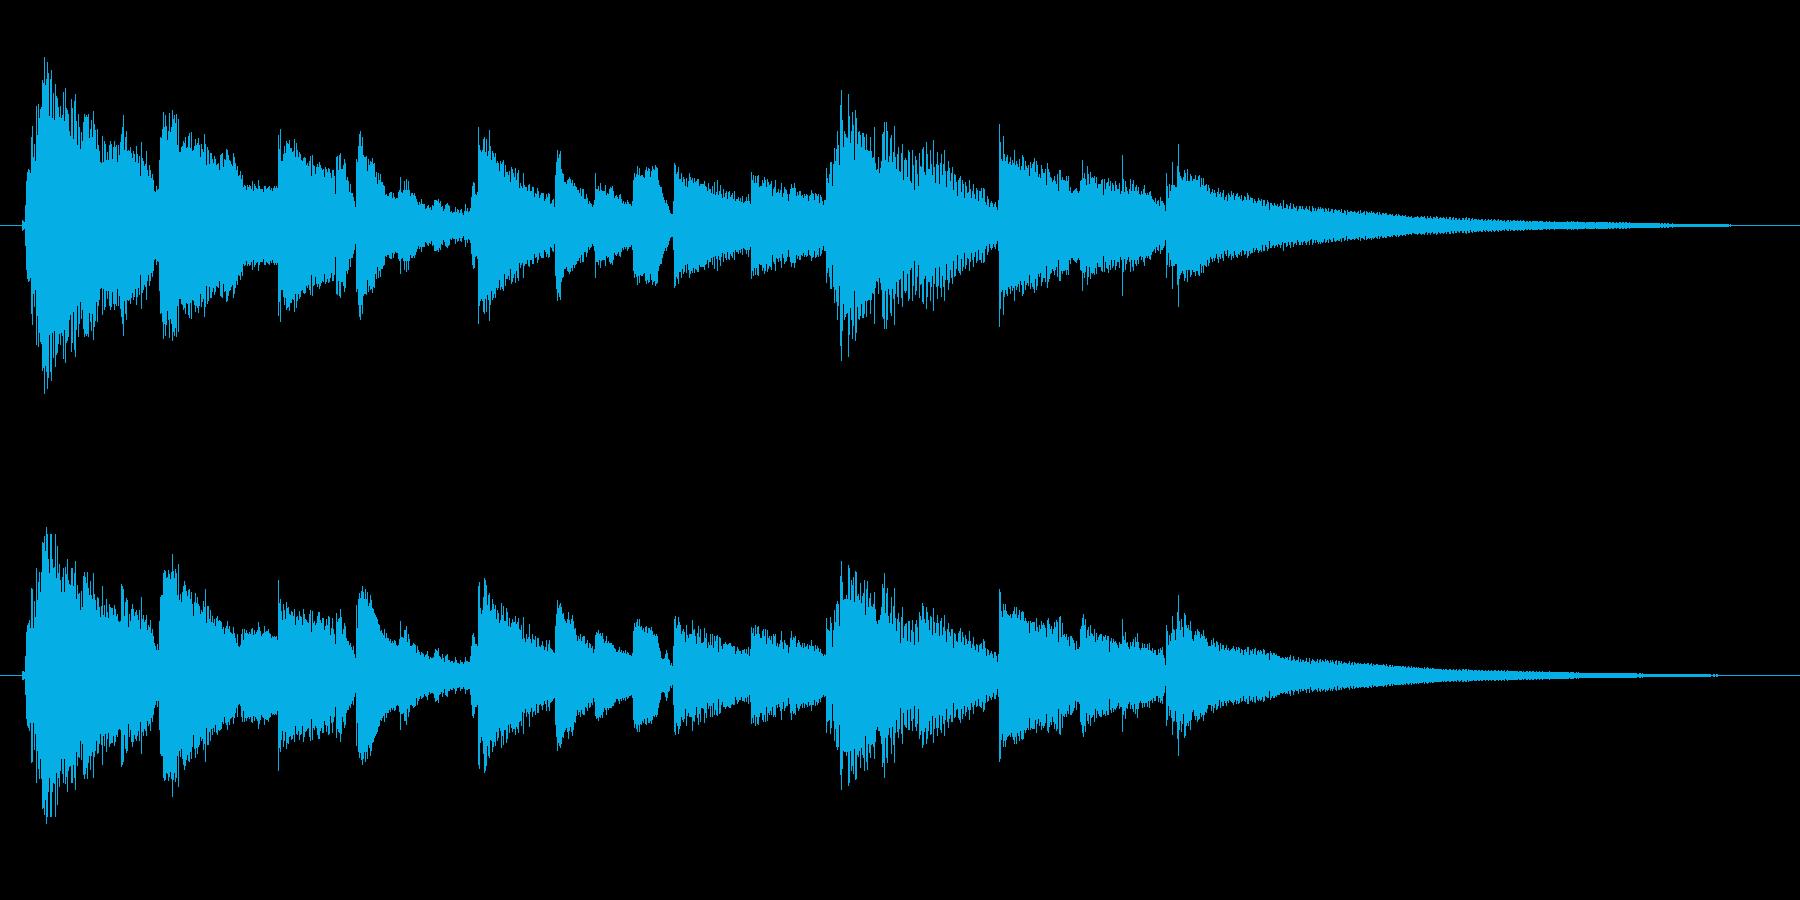 眠りと目覚めを連想させるアコギジングル3の再生済みの波形